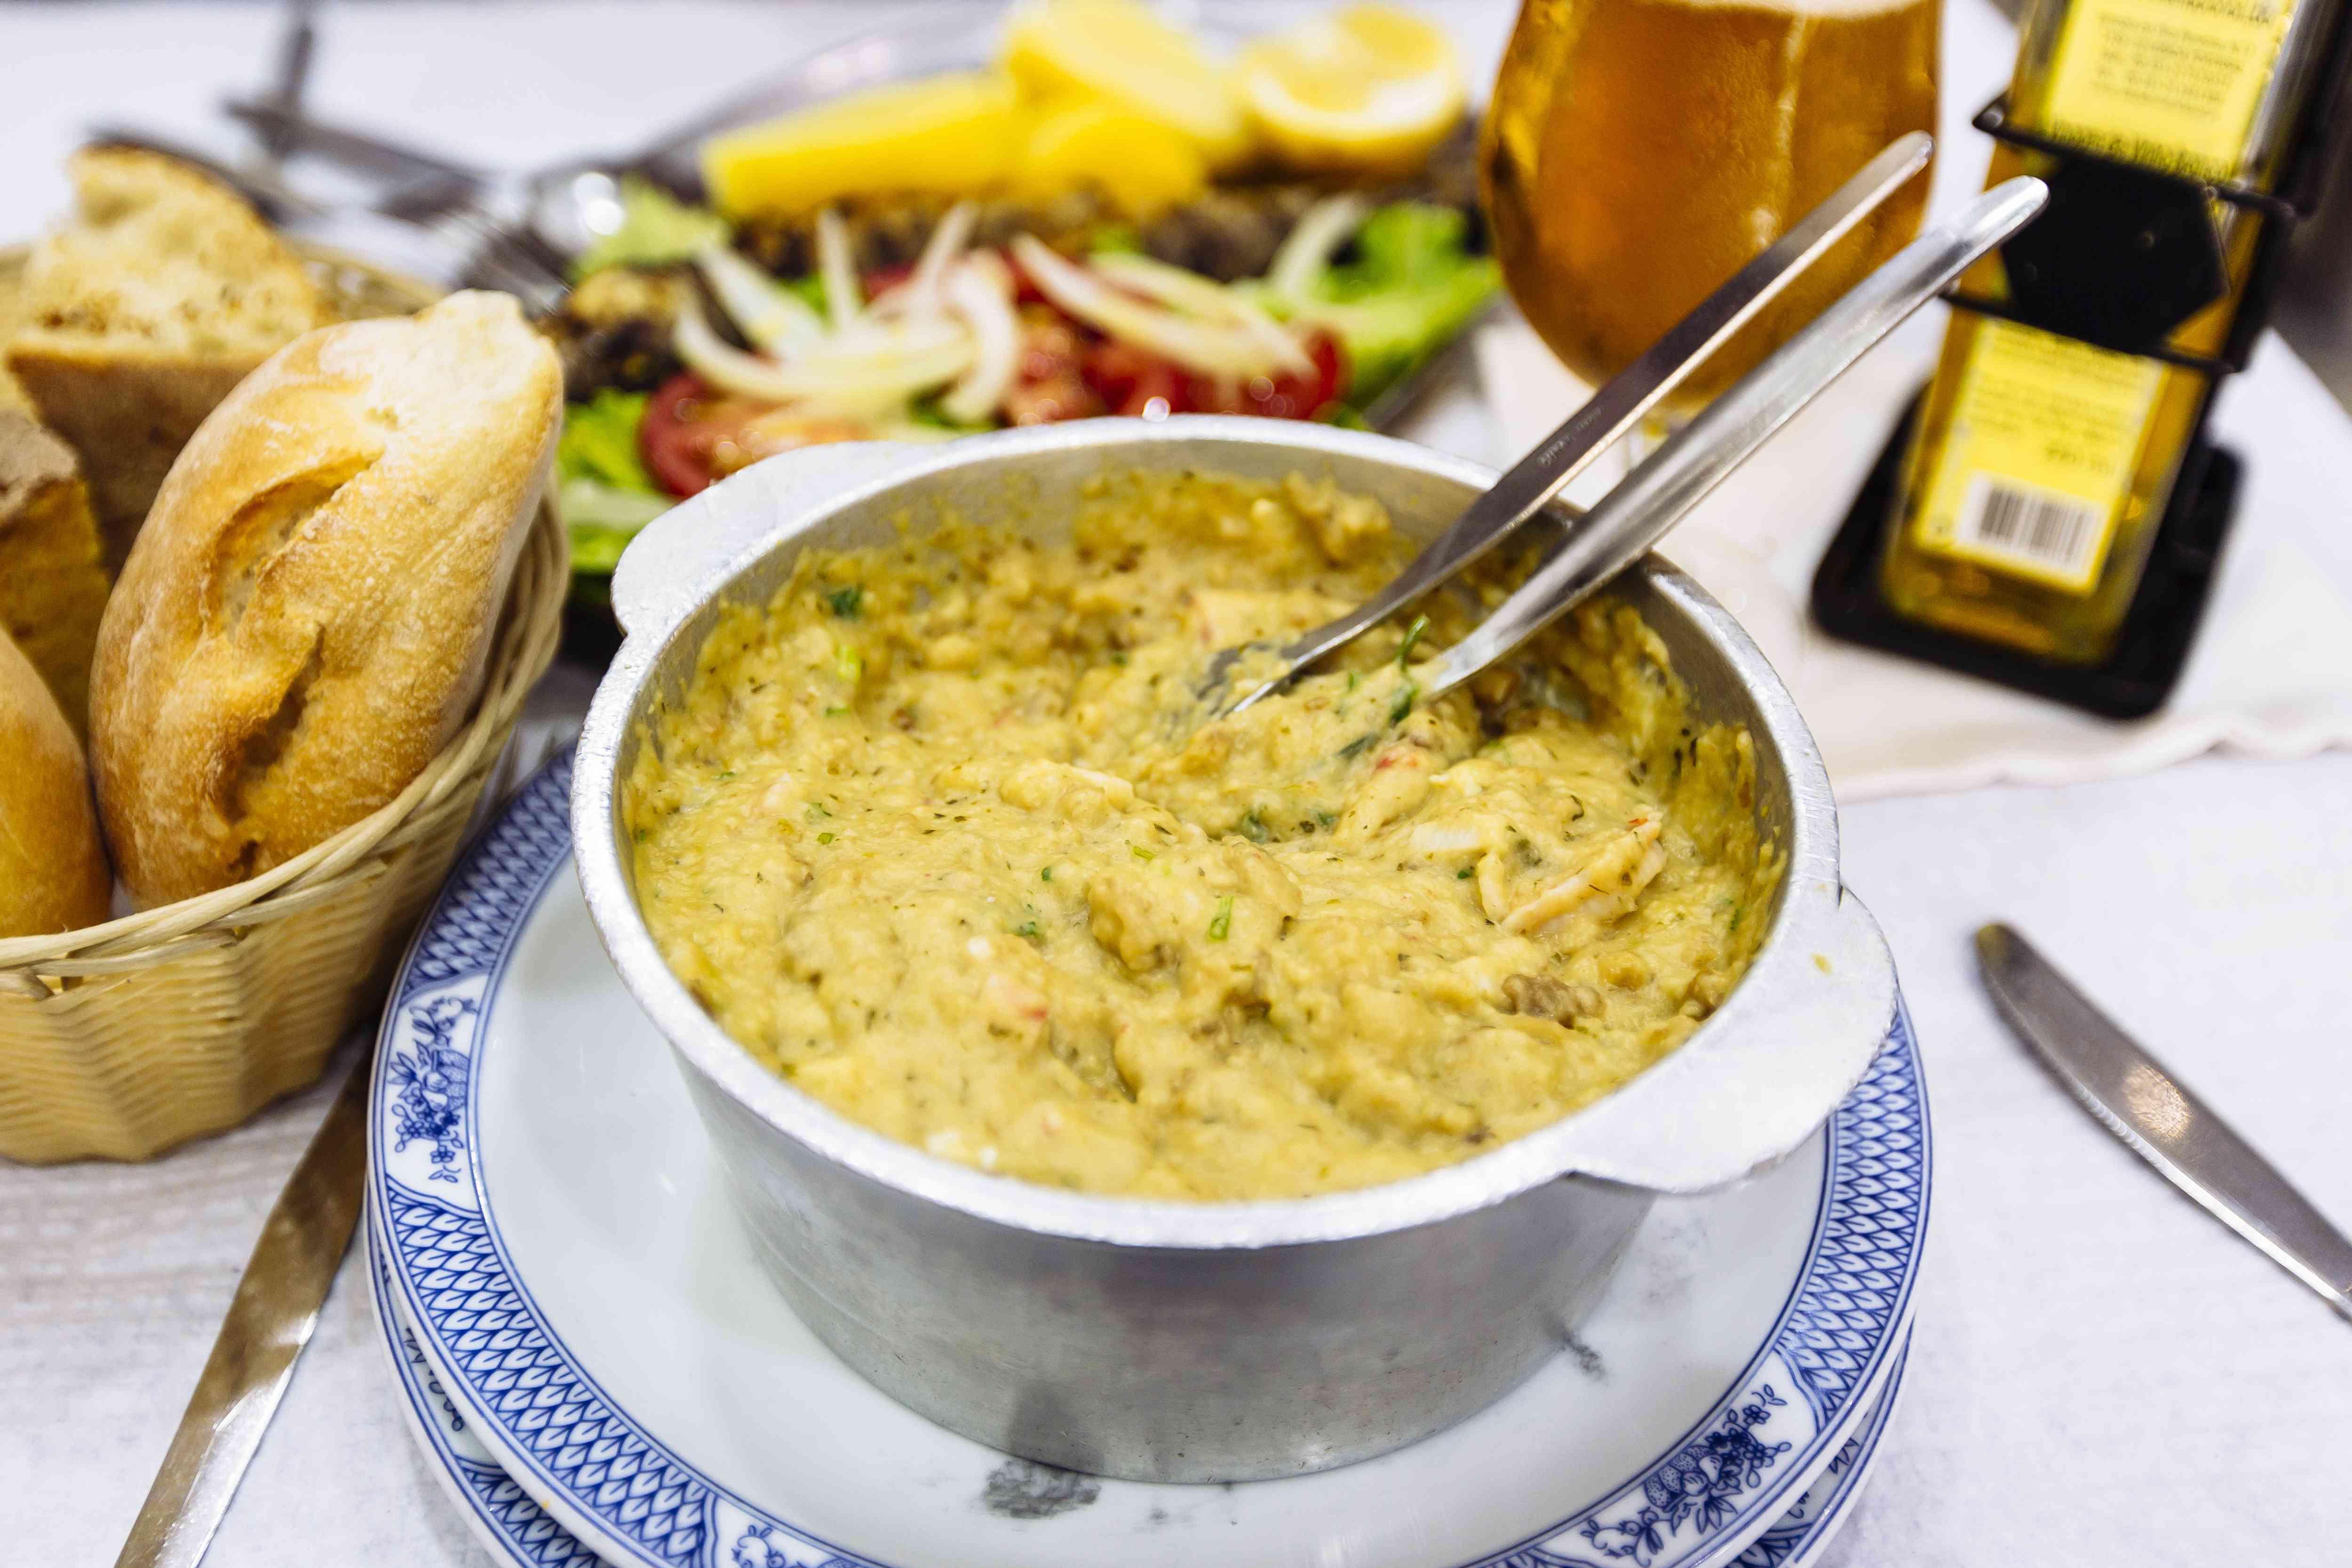 Acorda De Marisco - Traditional Portuguese seafood stew